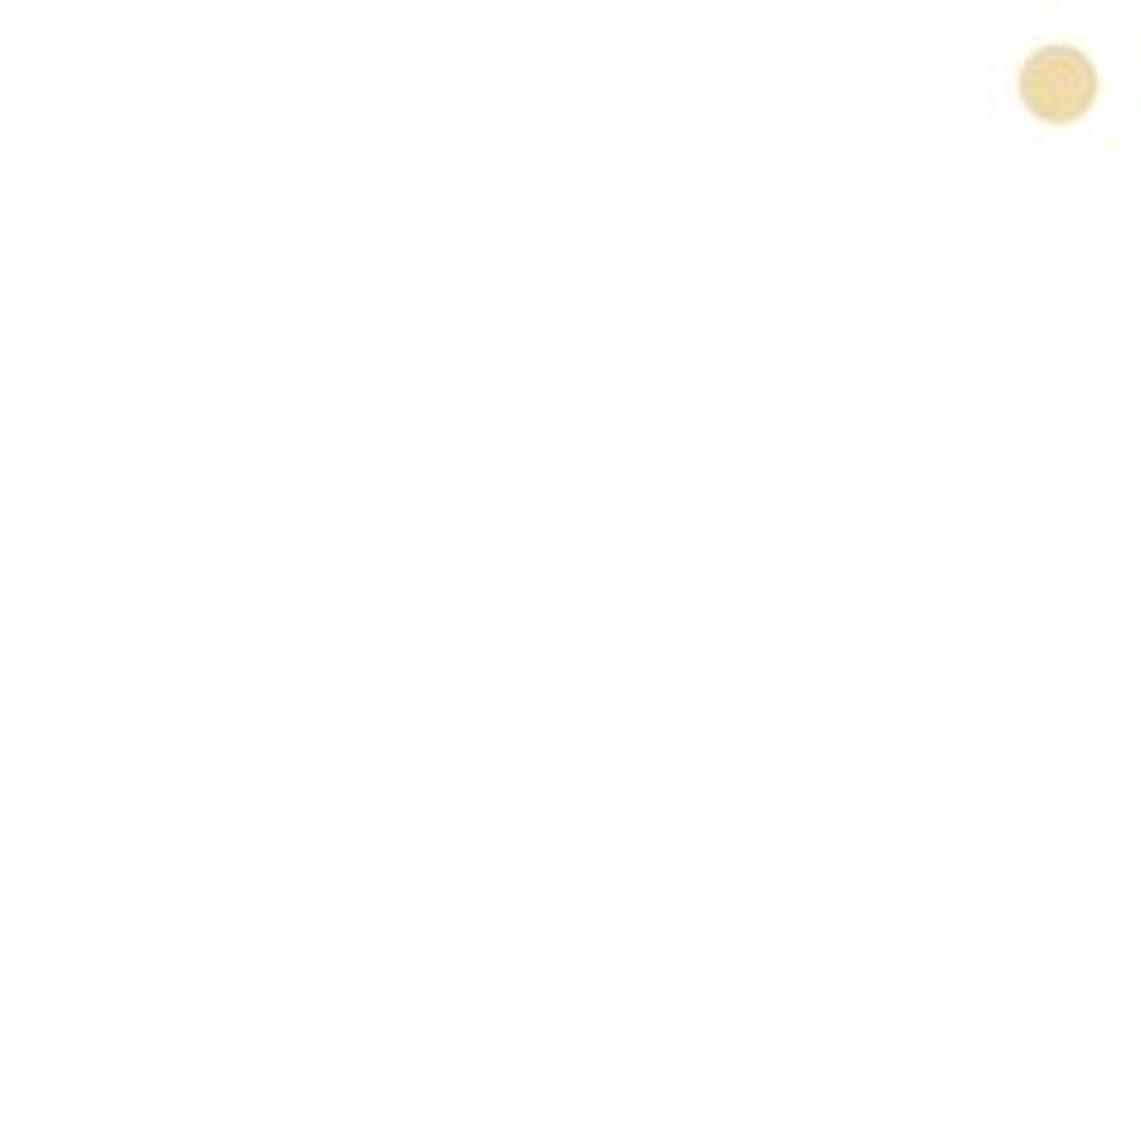 であることディーラー除外する【カバーマーク】ジャスミーカラー パウダリーファンデーション #BN20 (レフィル)